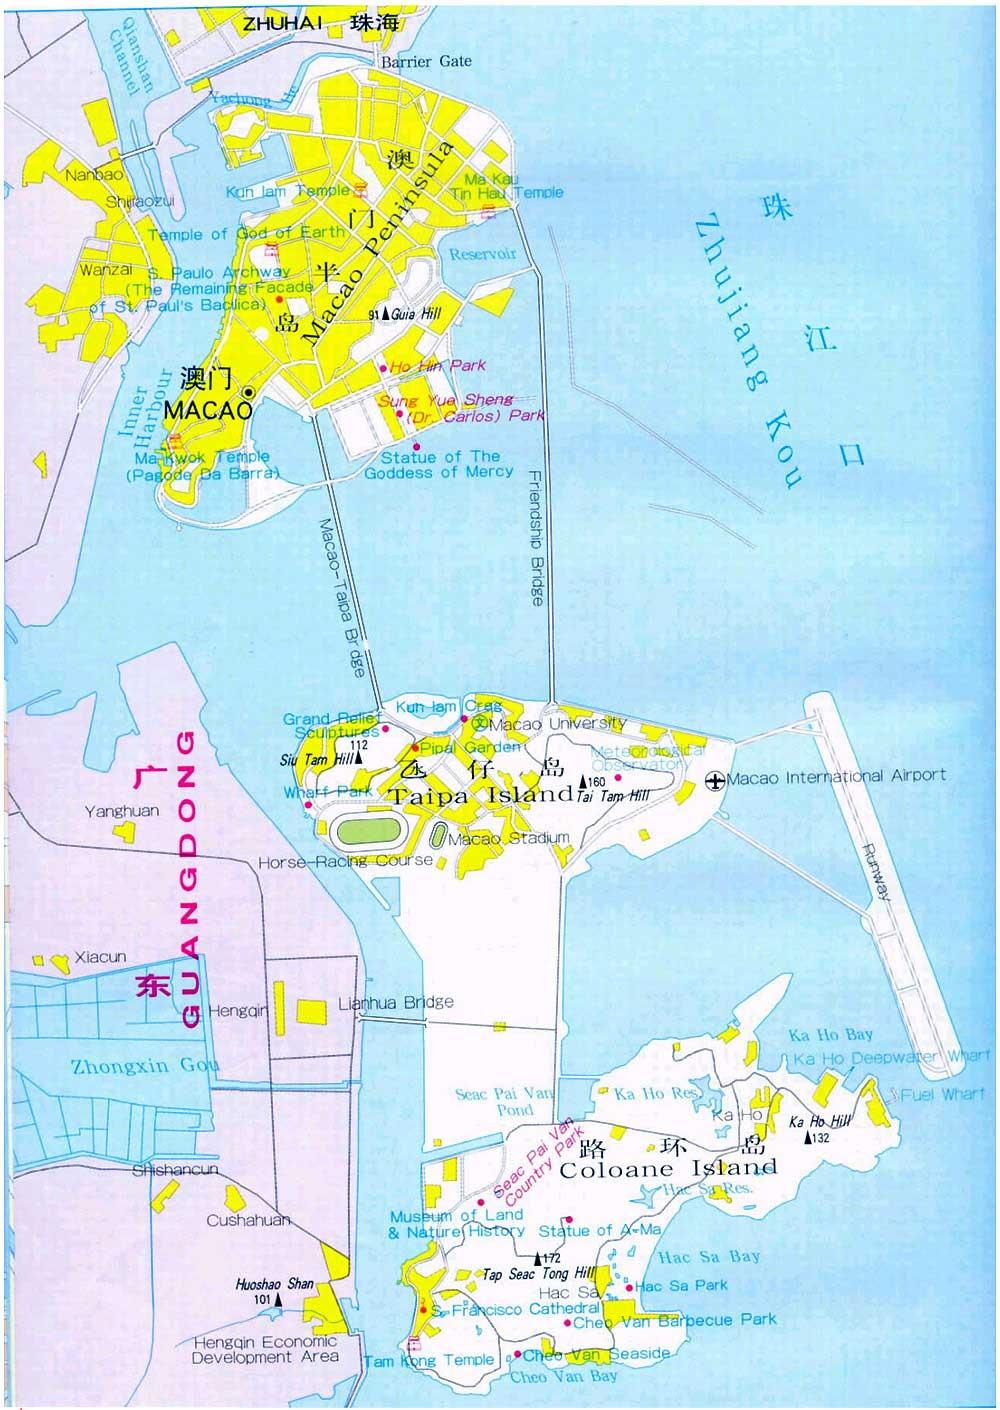 Macau Maps Map Of Macau China Macau Tourist MapsMacau City Map - Macau map